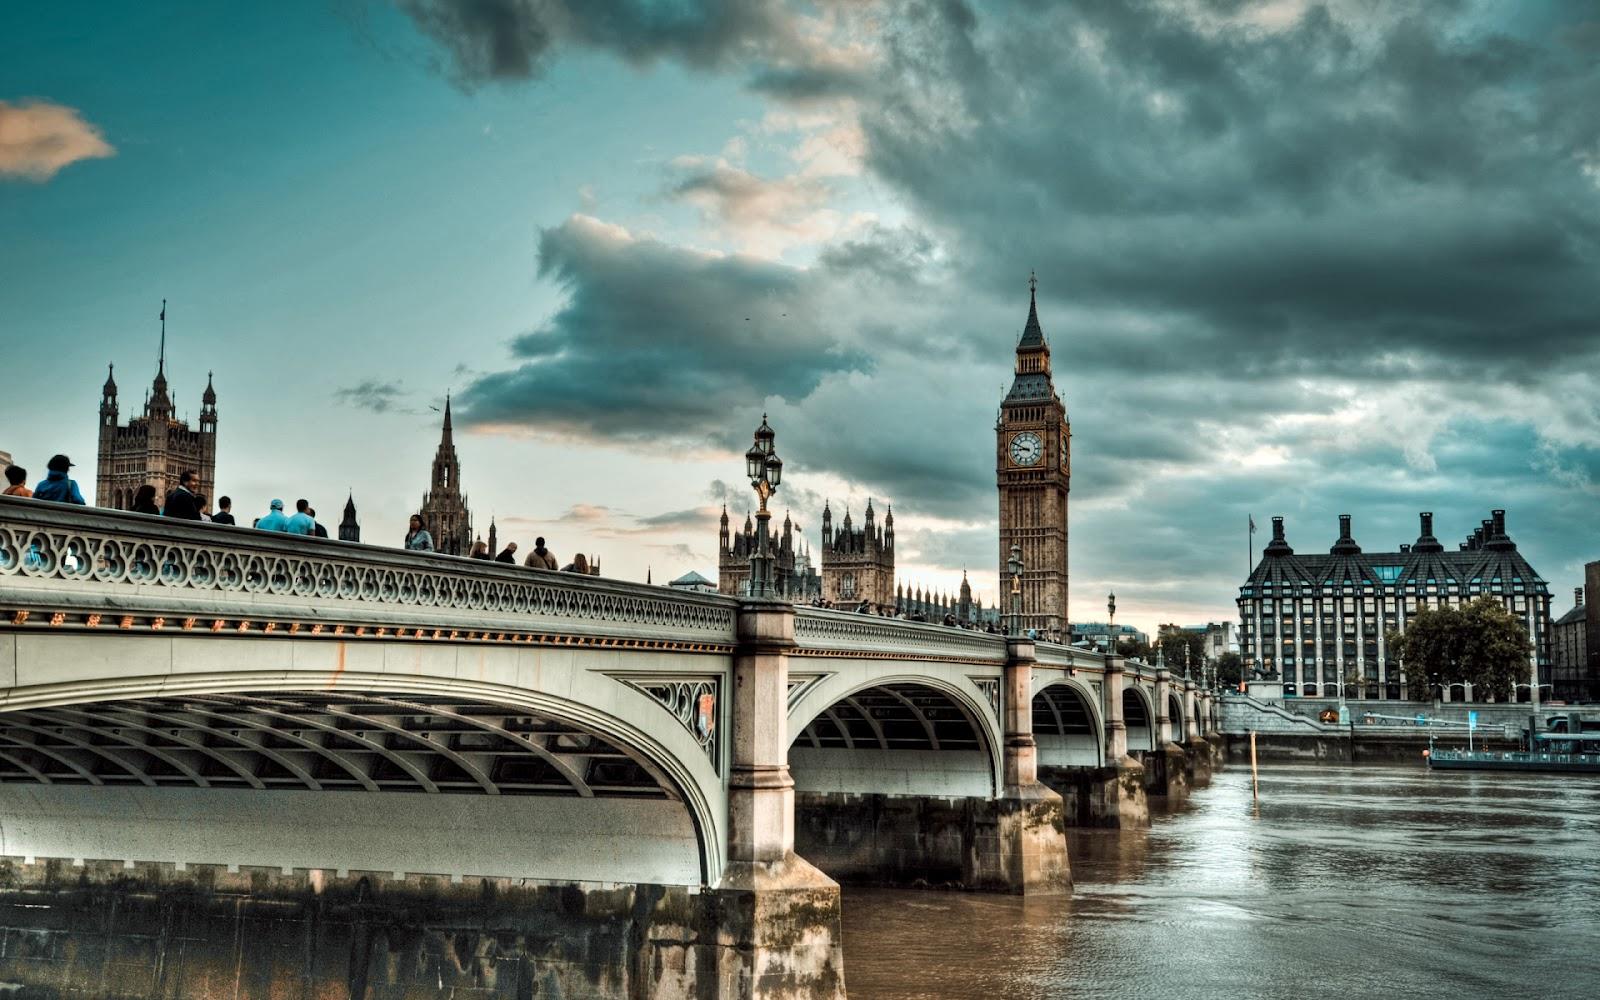 Britain гражданство Великобритании Англии через инвестиции в недвижимость